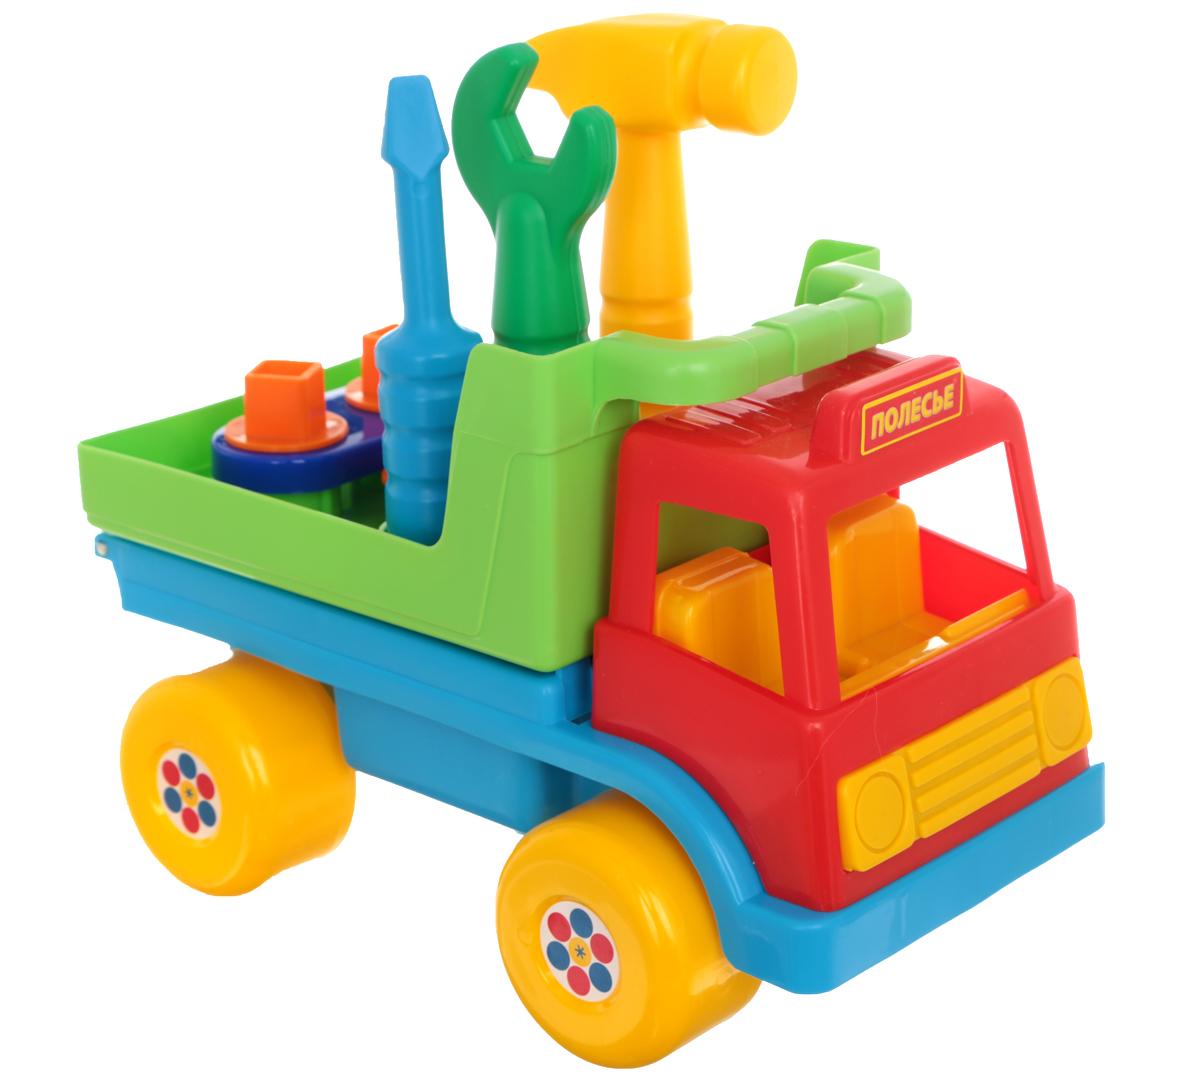 Полесье Игровой набор Техпомощь цвет кабины красный6387_красная кабинаИгровой набор Полесье Техпомощь позволит вашему ребенку почувствовать себя одновременно и водителем грузовика и автослесарем. Набор включает в себя грузовик и инструменты, необходимые для его ремонта в дороге - молоток, гаечный ключ и отвертку. С помощью молотка можно забивать гвозди, а с помощью гаечного ключа закрутить или открутить гайки, расположенные в кузове автомобиля. Там же имеются отверстия для инструментов, куда их можно поместить после окончания ремонта и продолжить путь. Машинка оснащена четырьмя широкими колесами со свободным ходом. Ваш ребенок часами будет играть с набором, придумывая различные истории. Порадуйте его таким замечательным подарком!